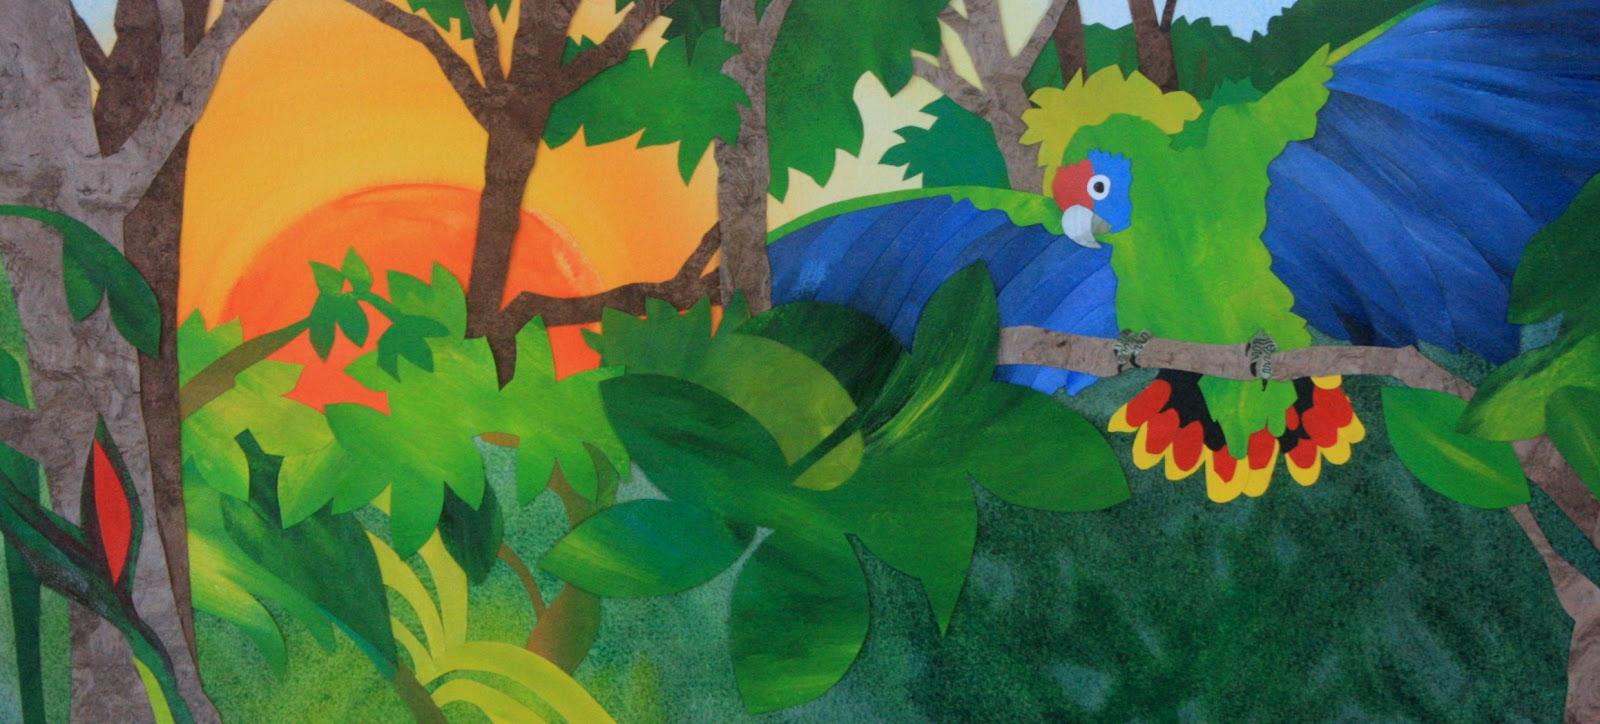 papagaio-cara-roxa-ilustracao-kitty-harvill